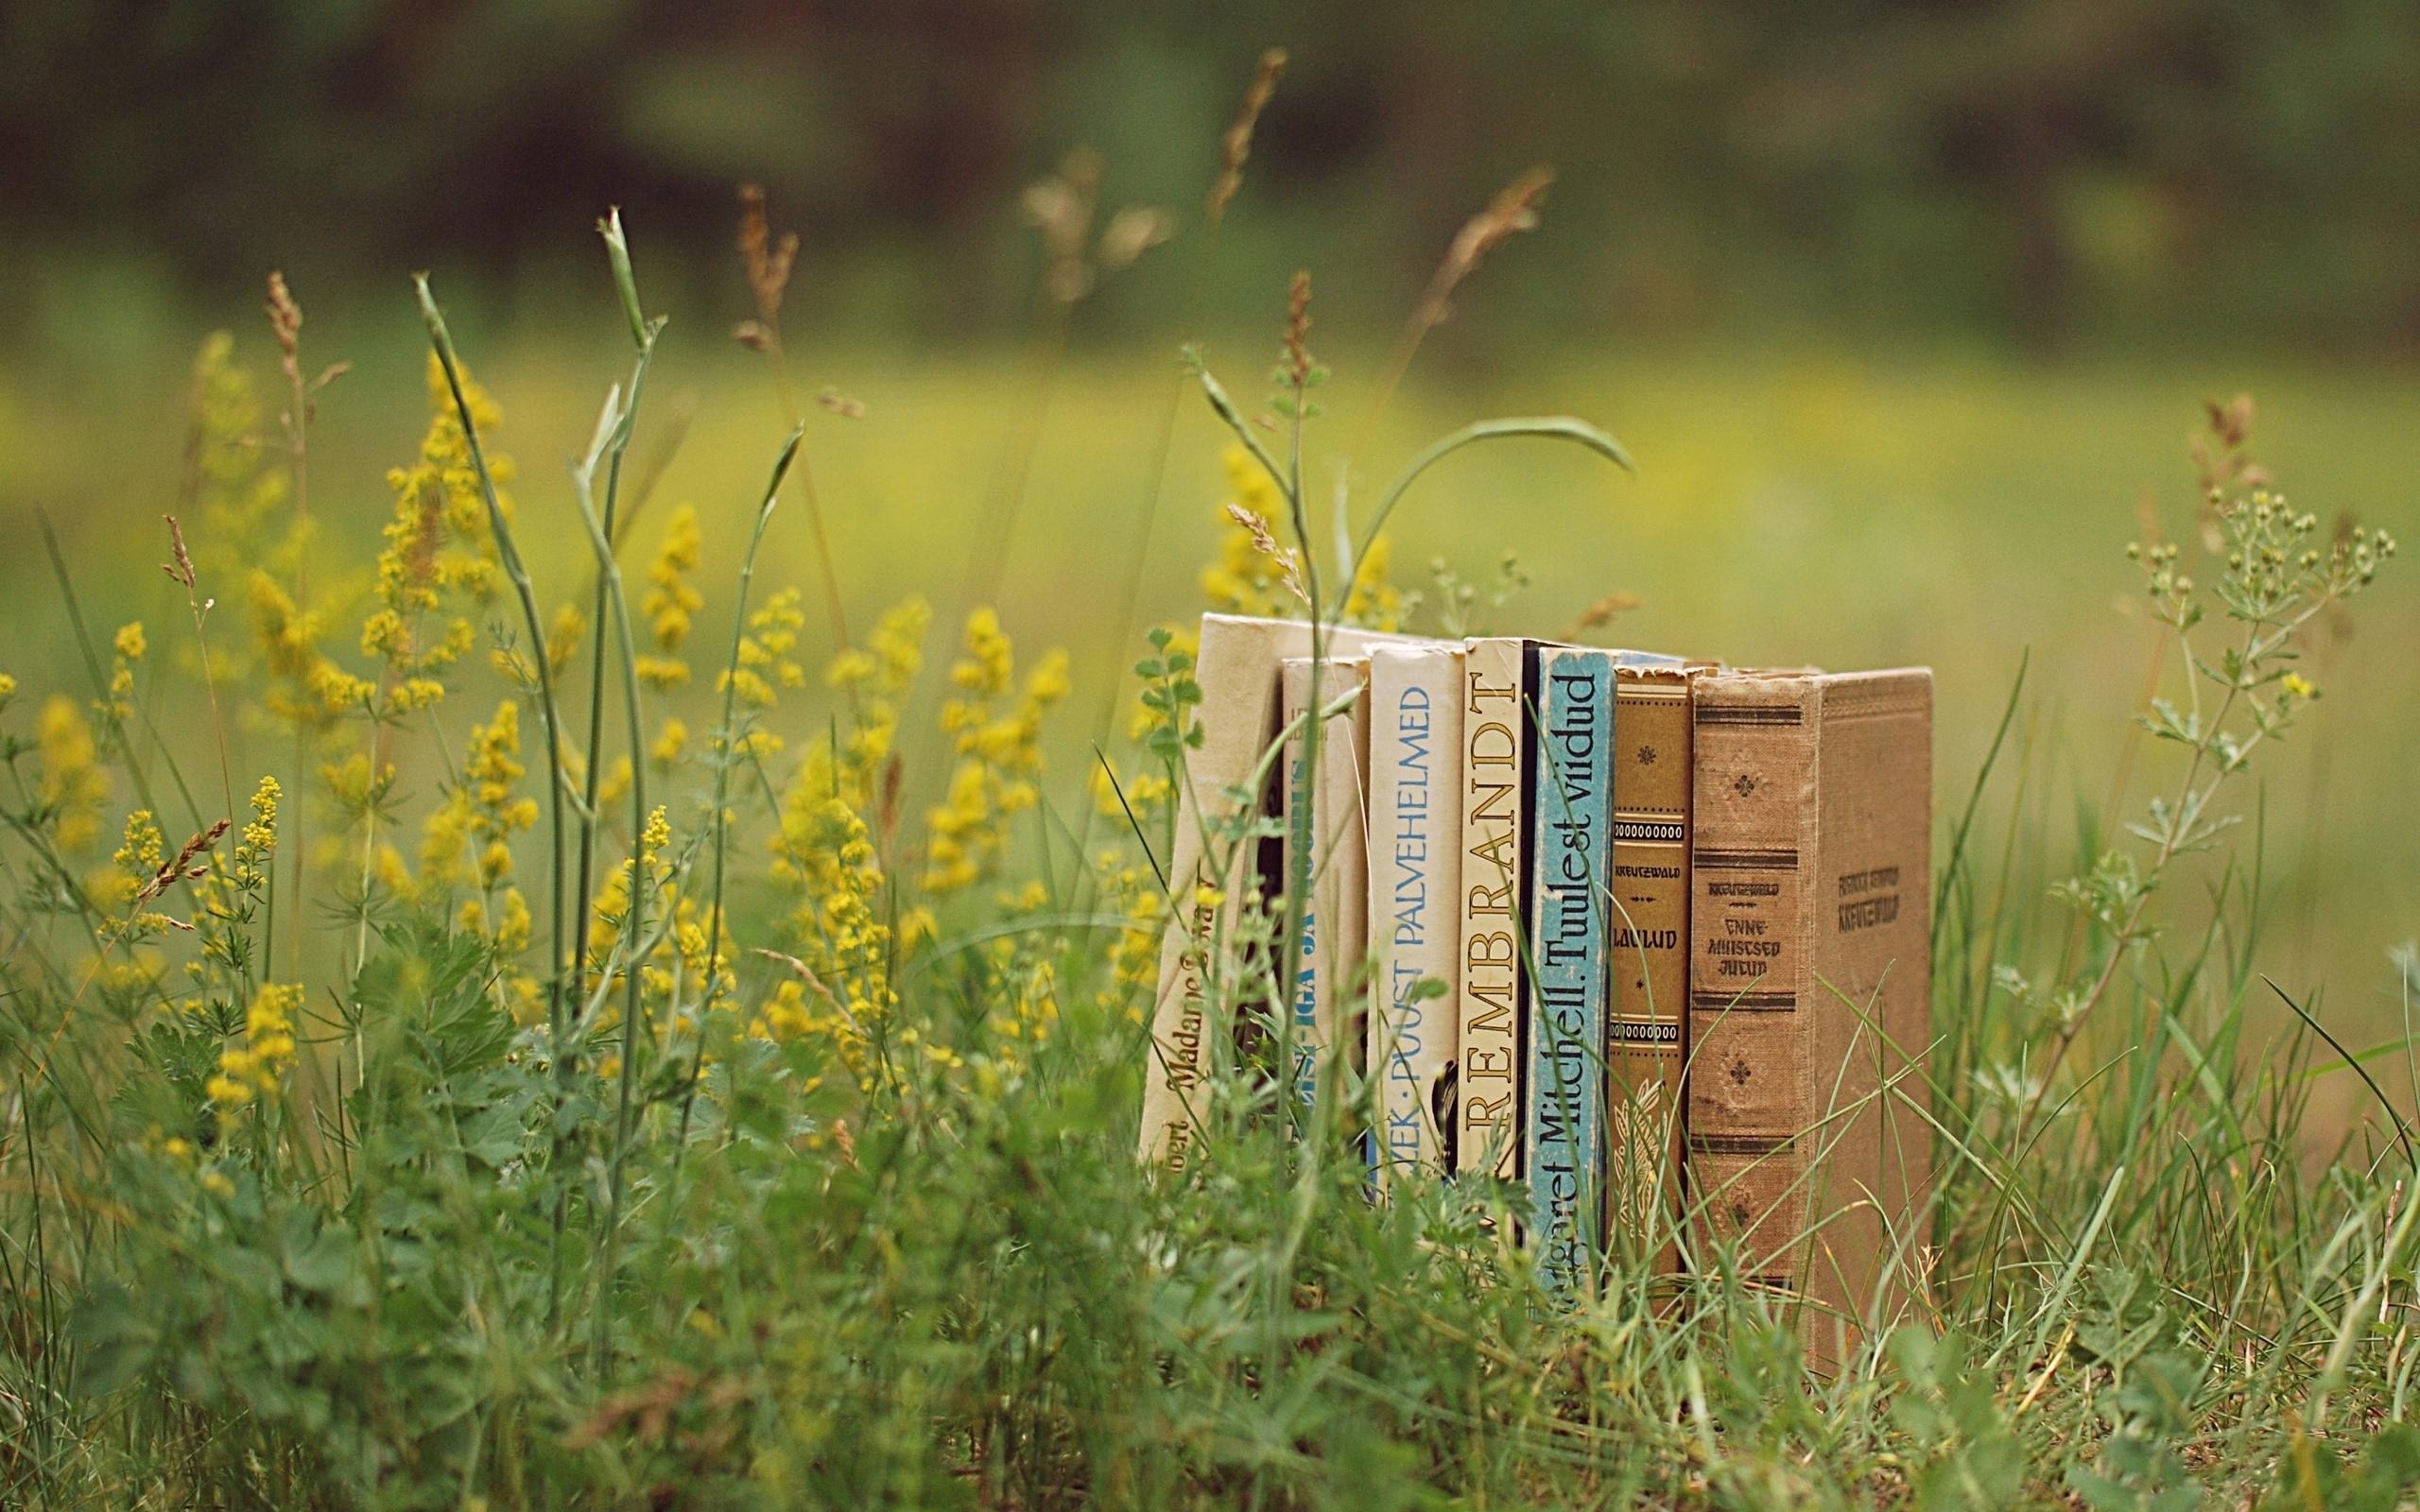 Hd обои Книги, поляна, зелень, растения, природа, трава, лето 1920 x